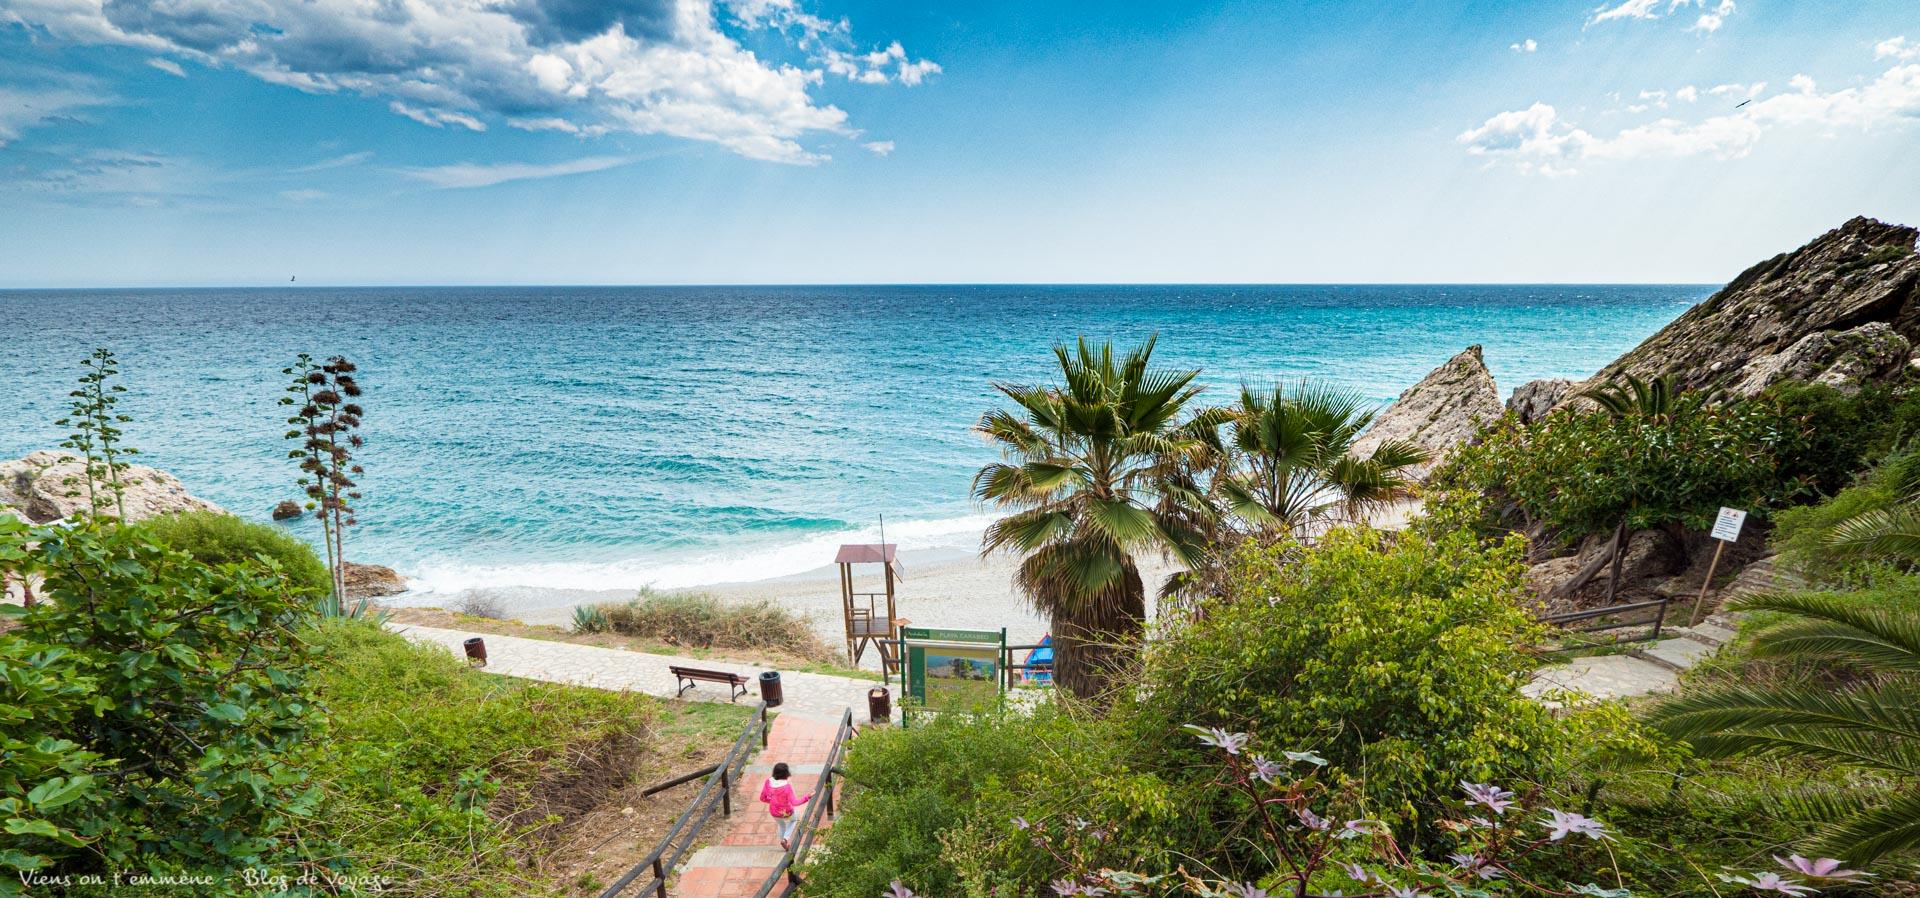 Playa Carabeo à Nerja